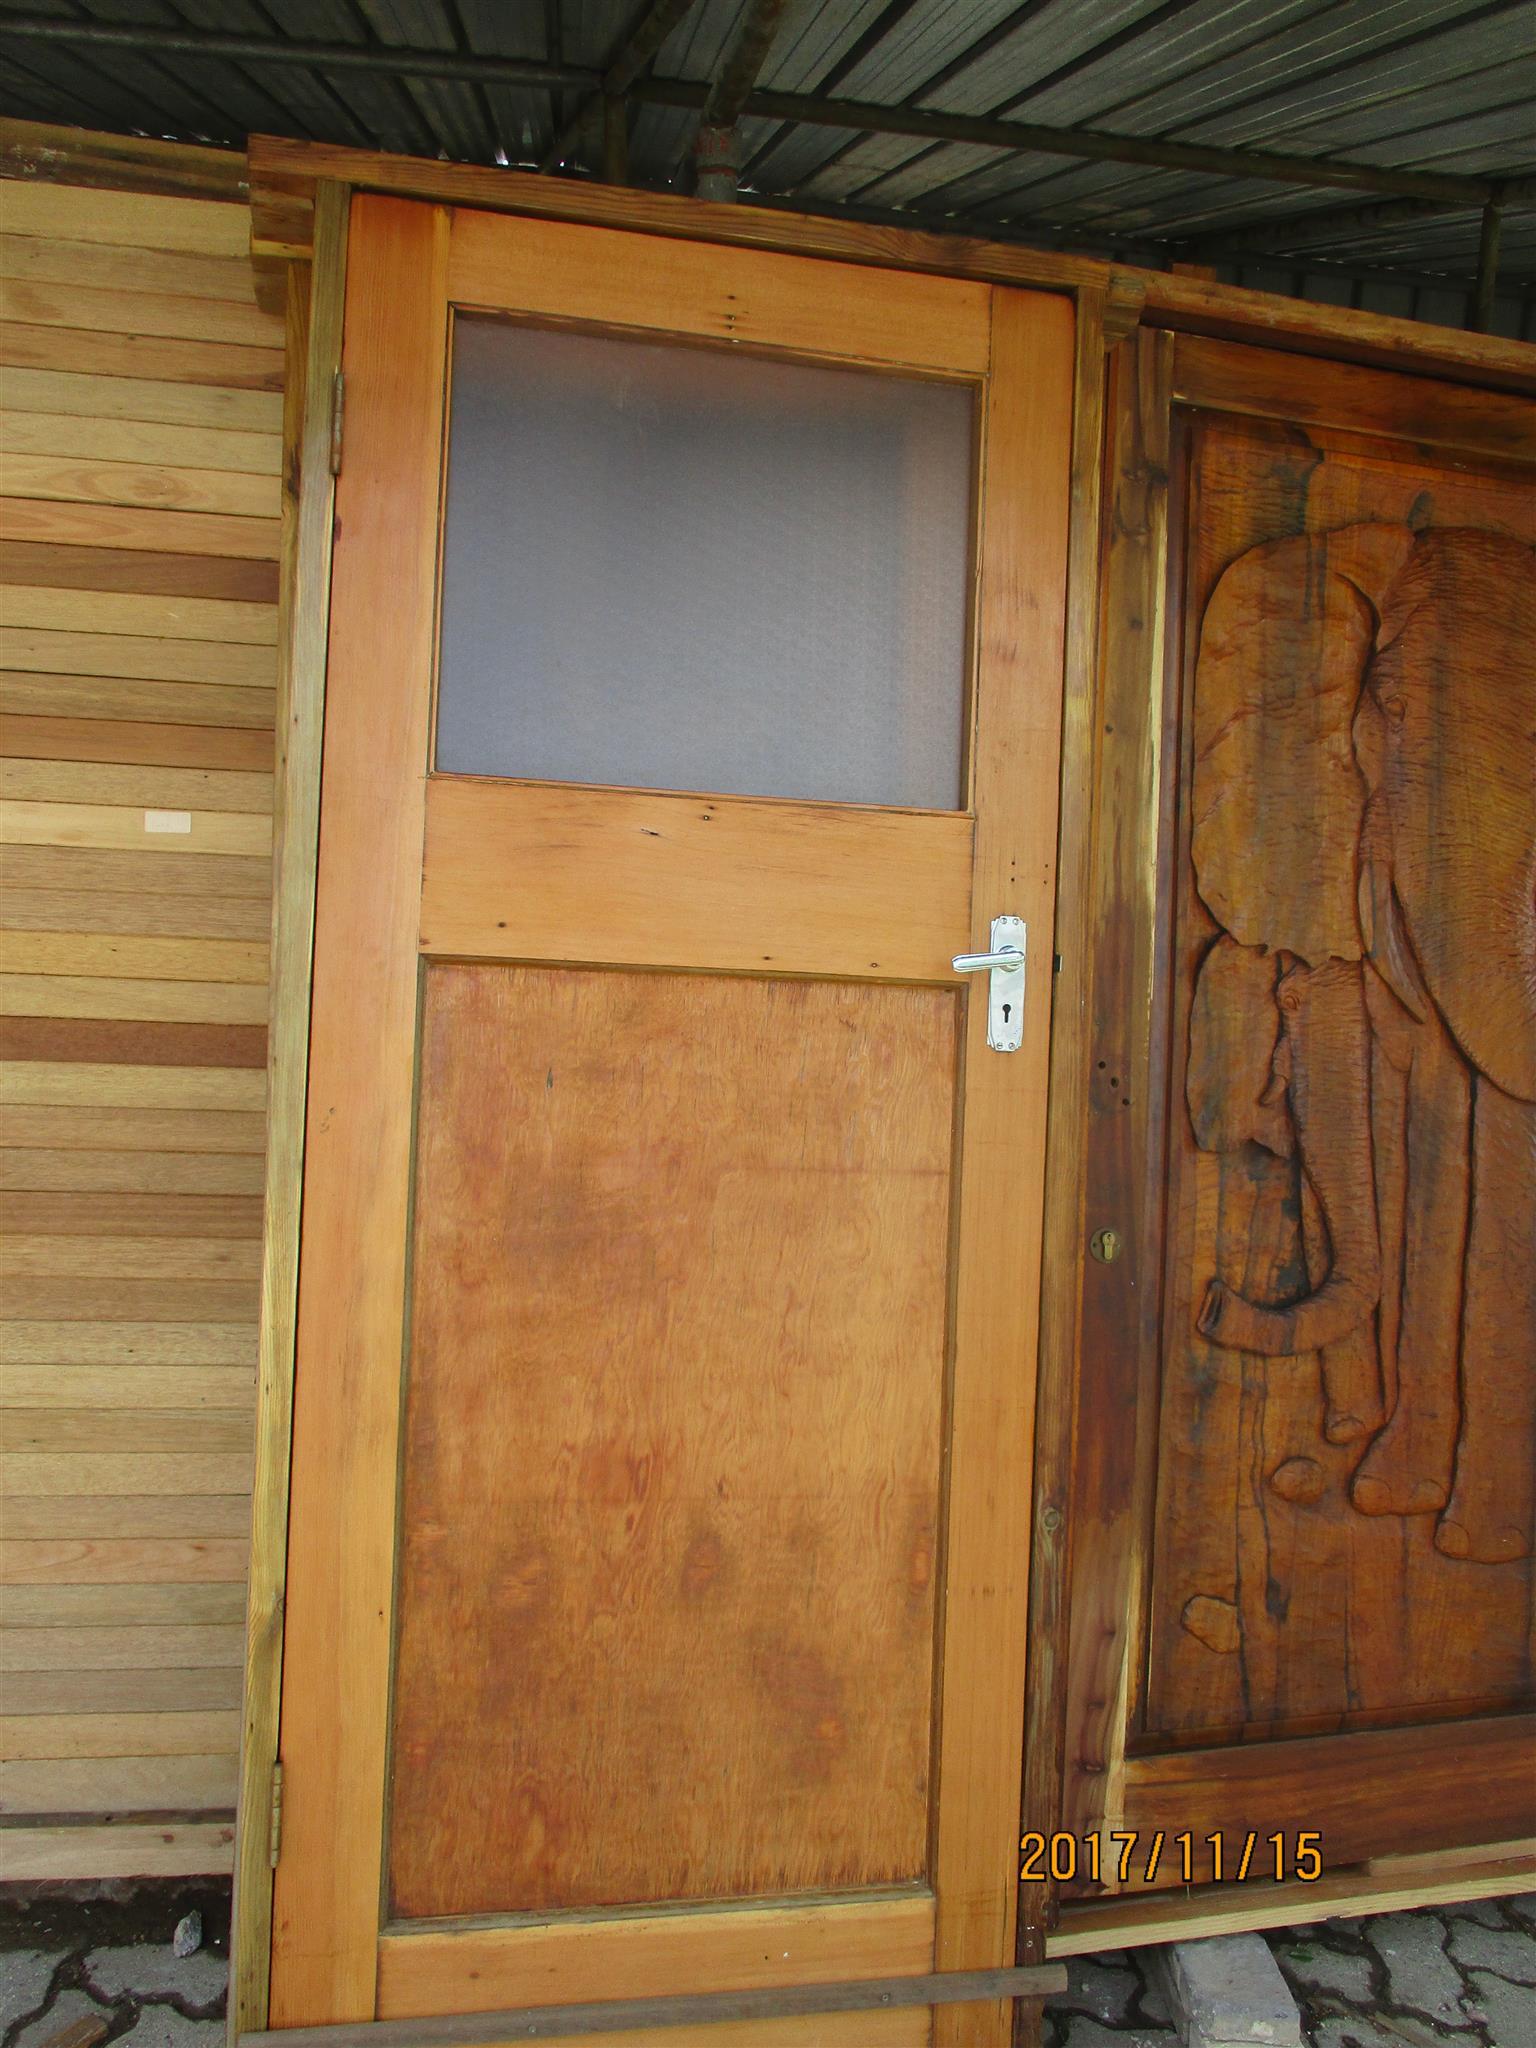 Refurbished Oregon Pine doors including door frame and door  handles for sale